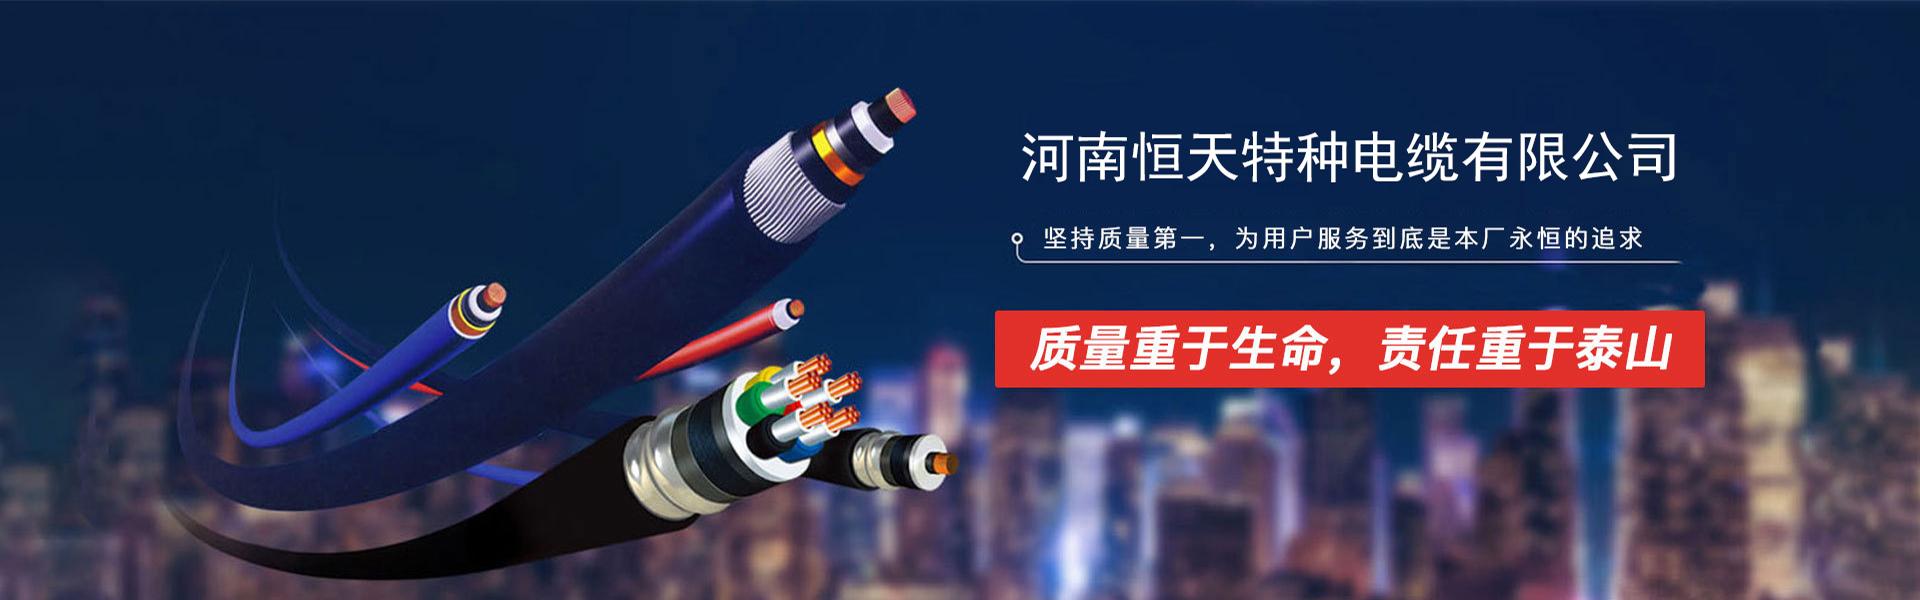 恒天电缆质量第一